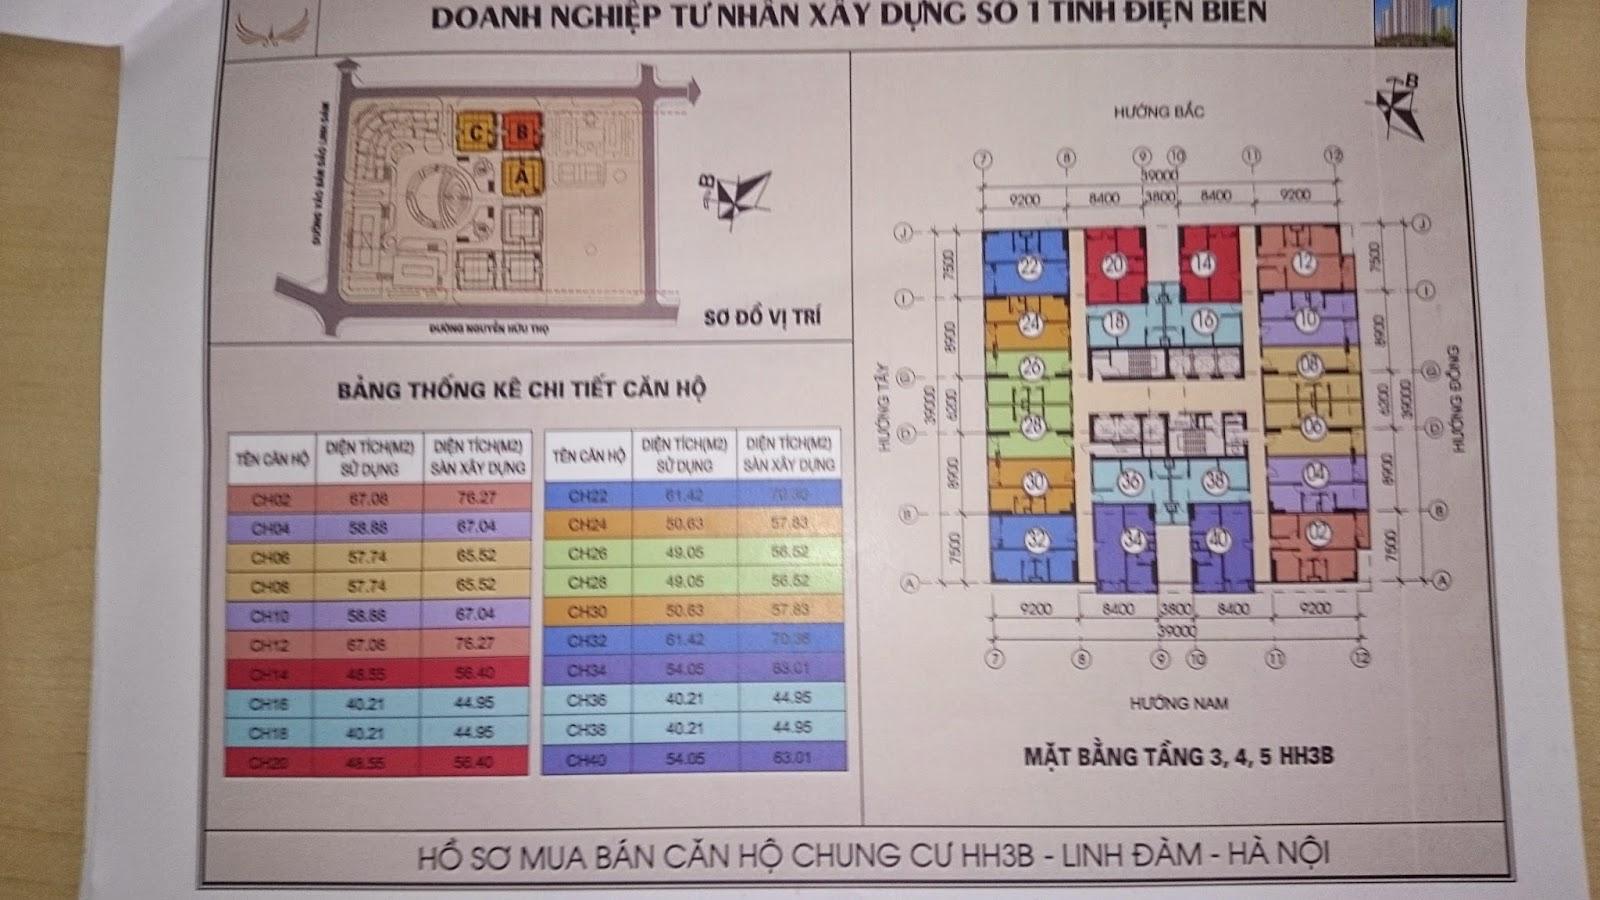 Mặt bằng tầng 3-4-5 HH3B Linh Đàm